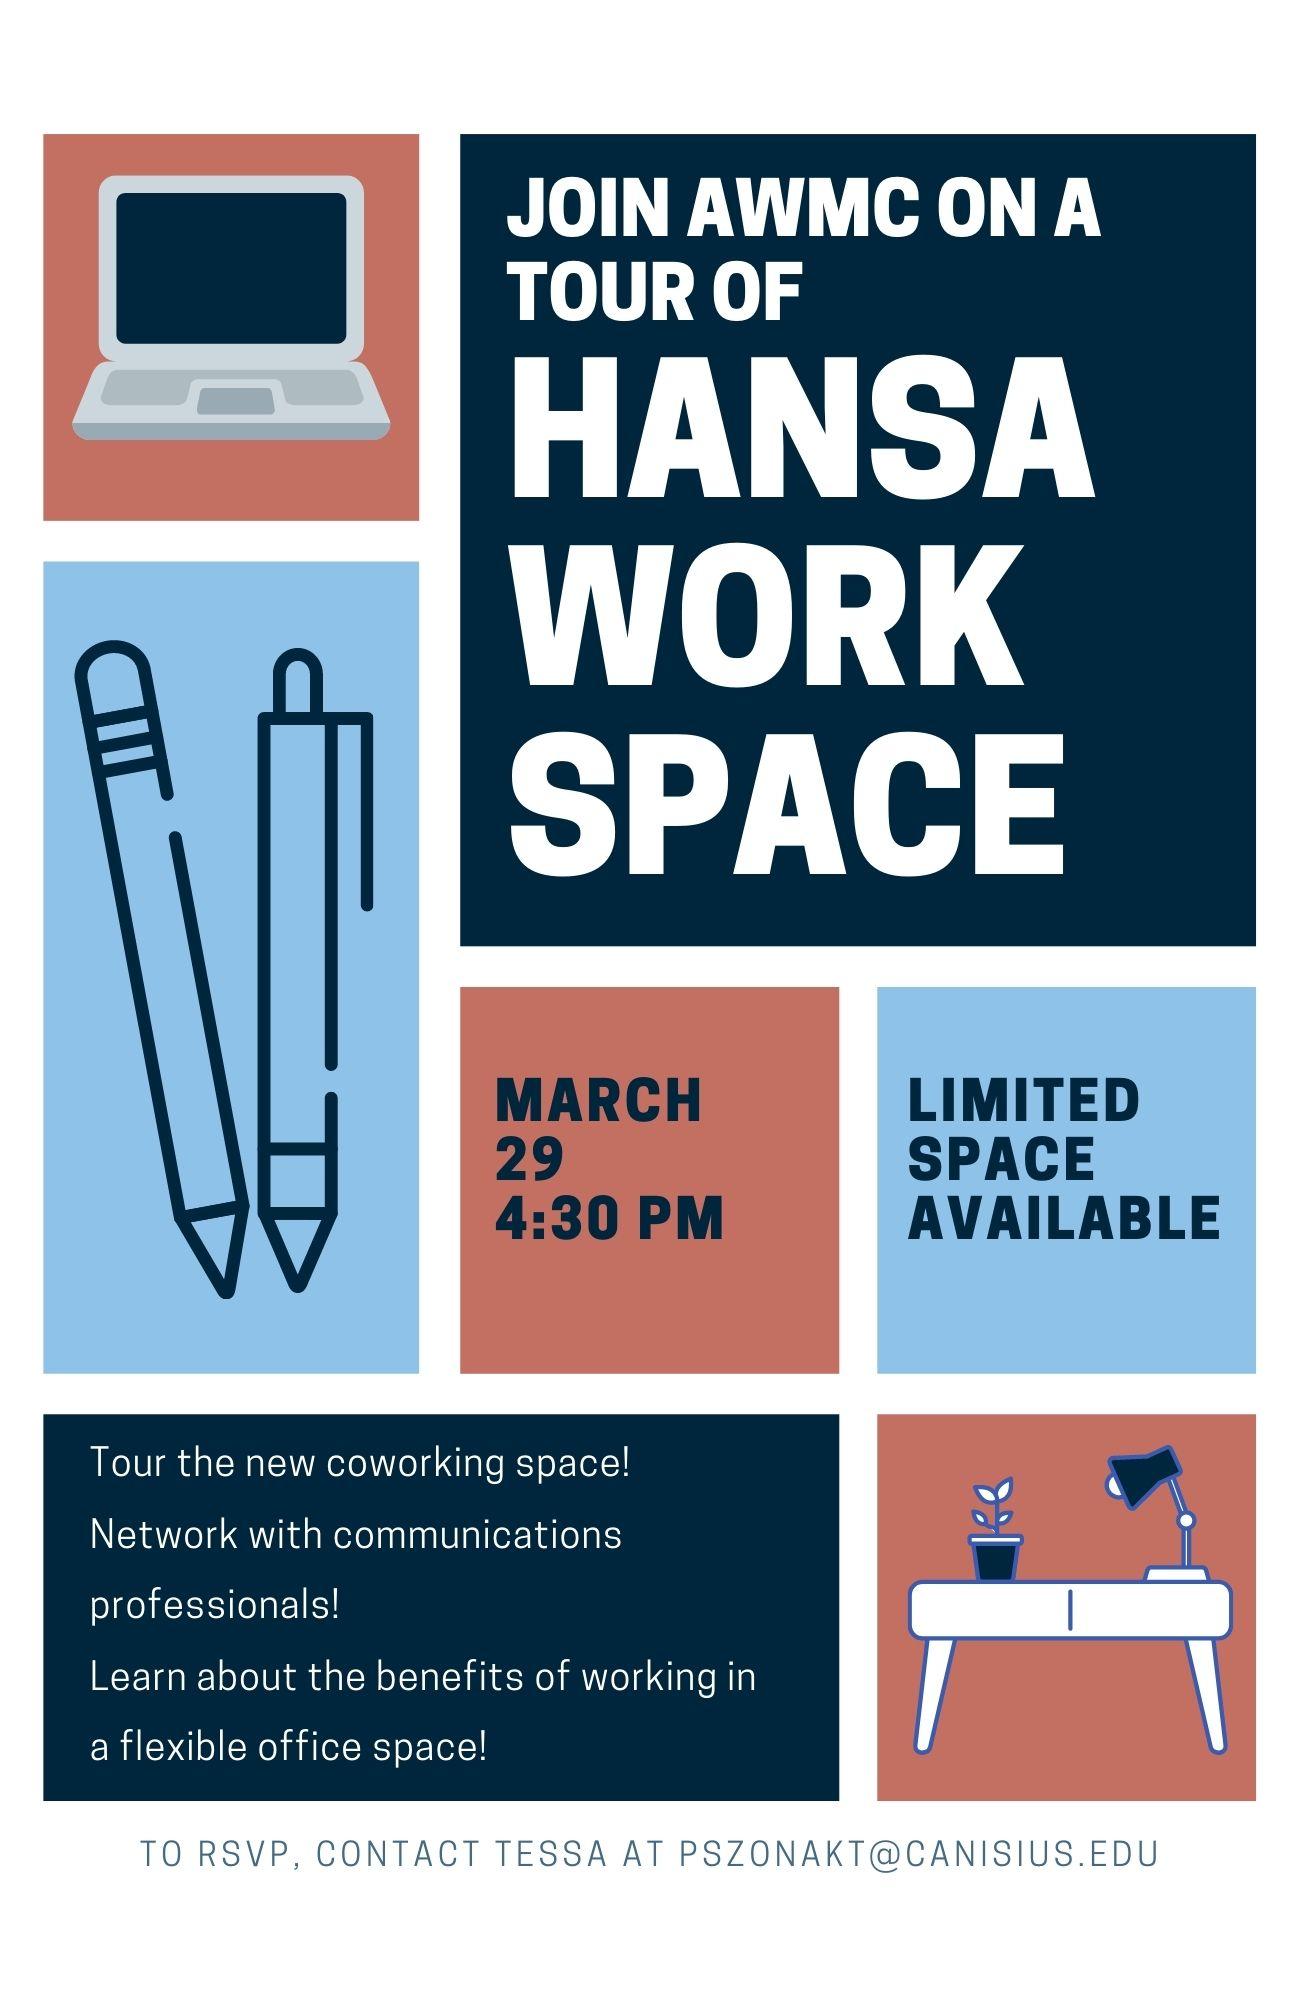 AWMC_HansaWorkspace.jpg